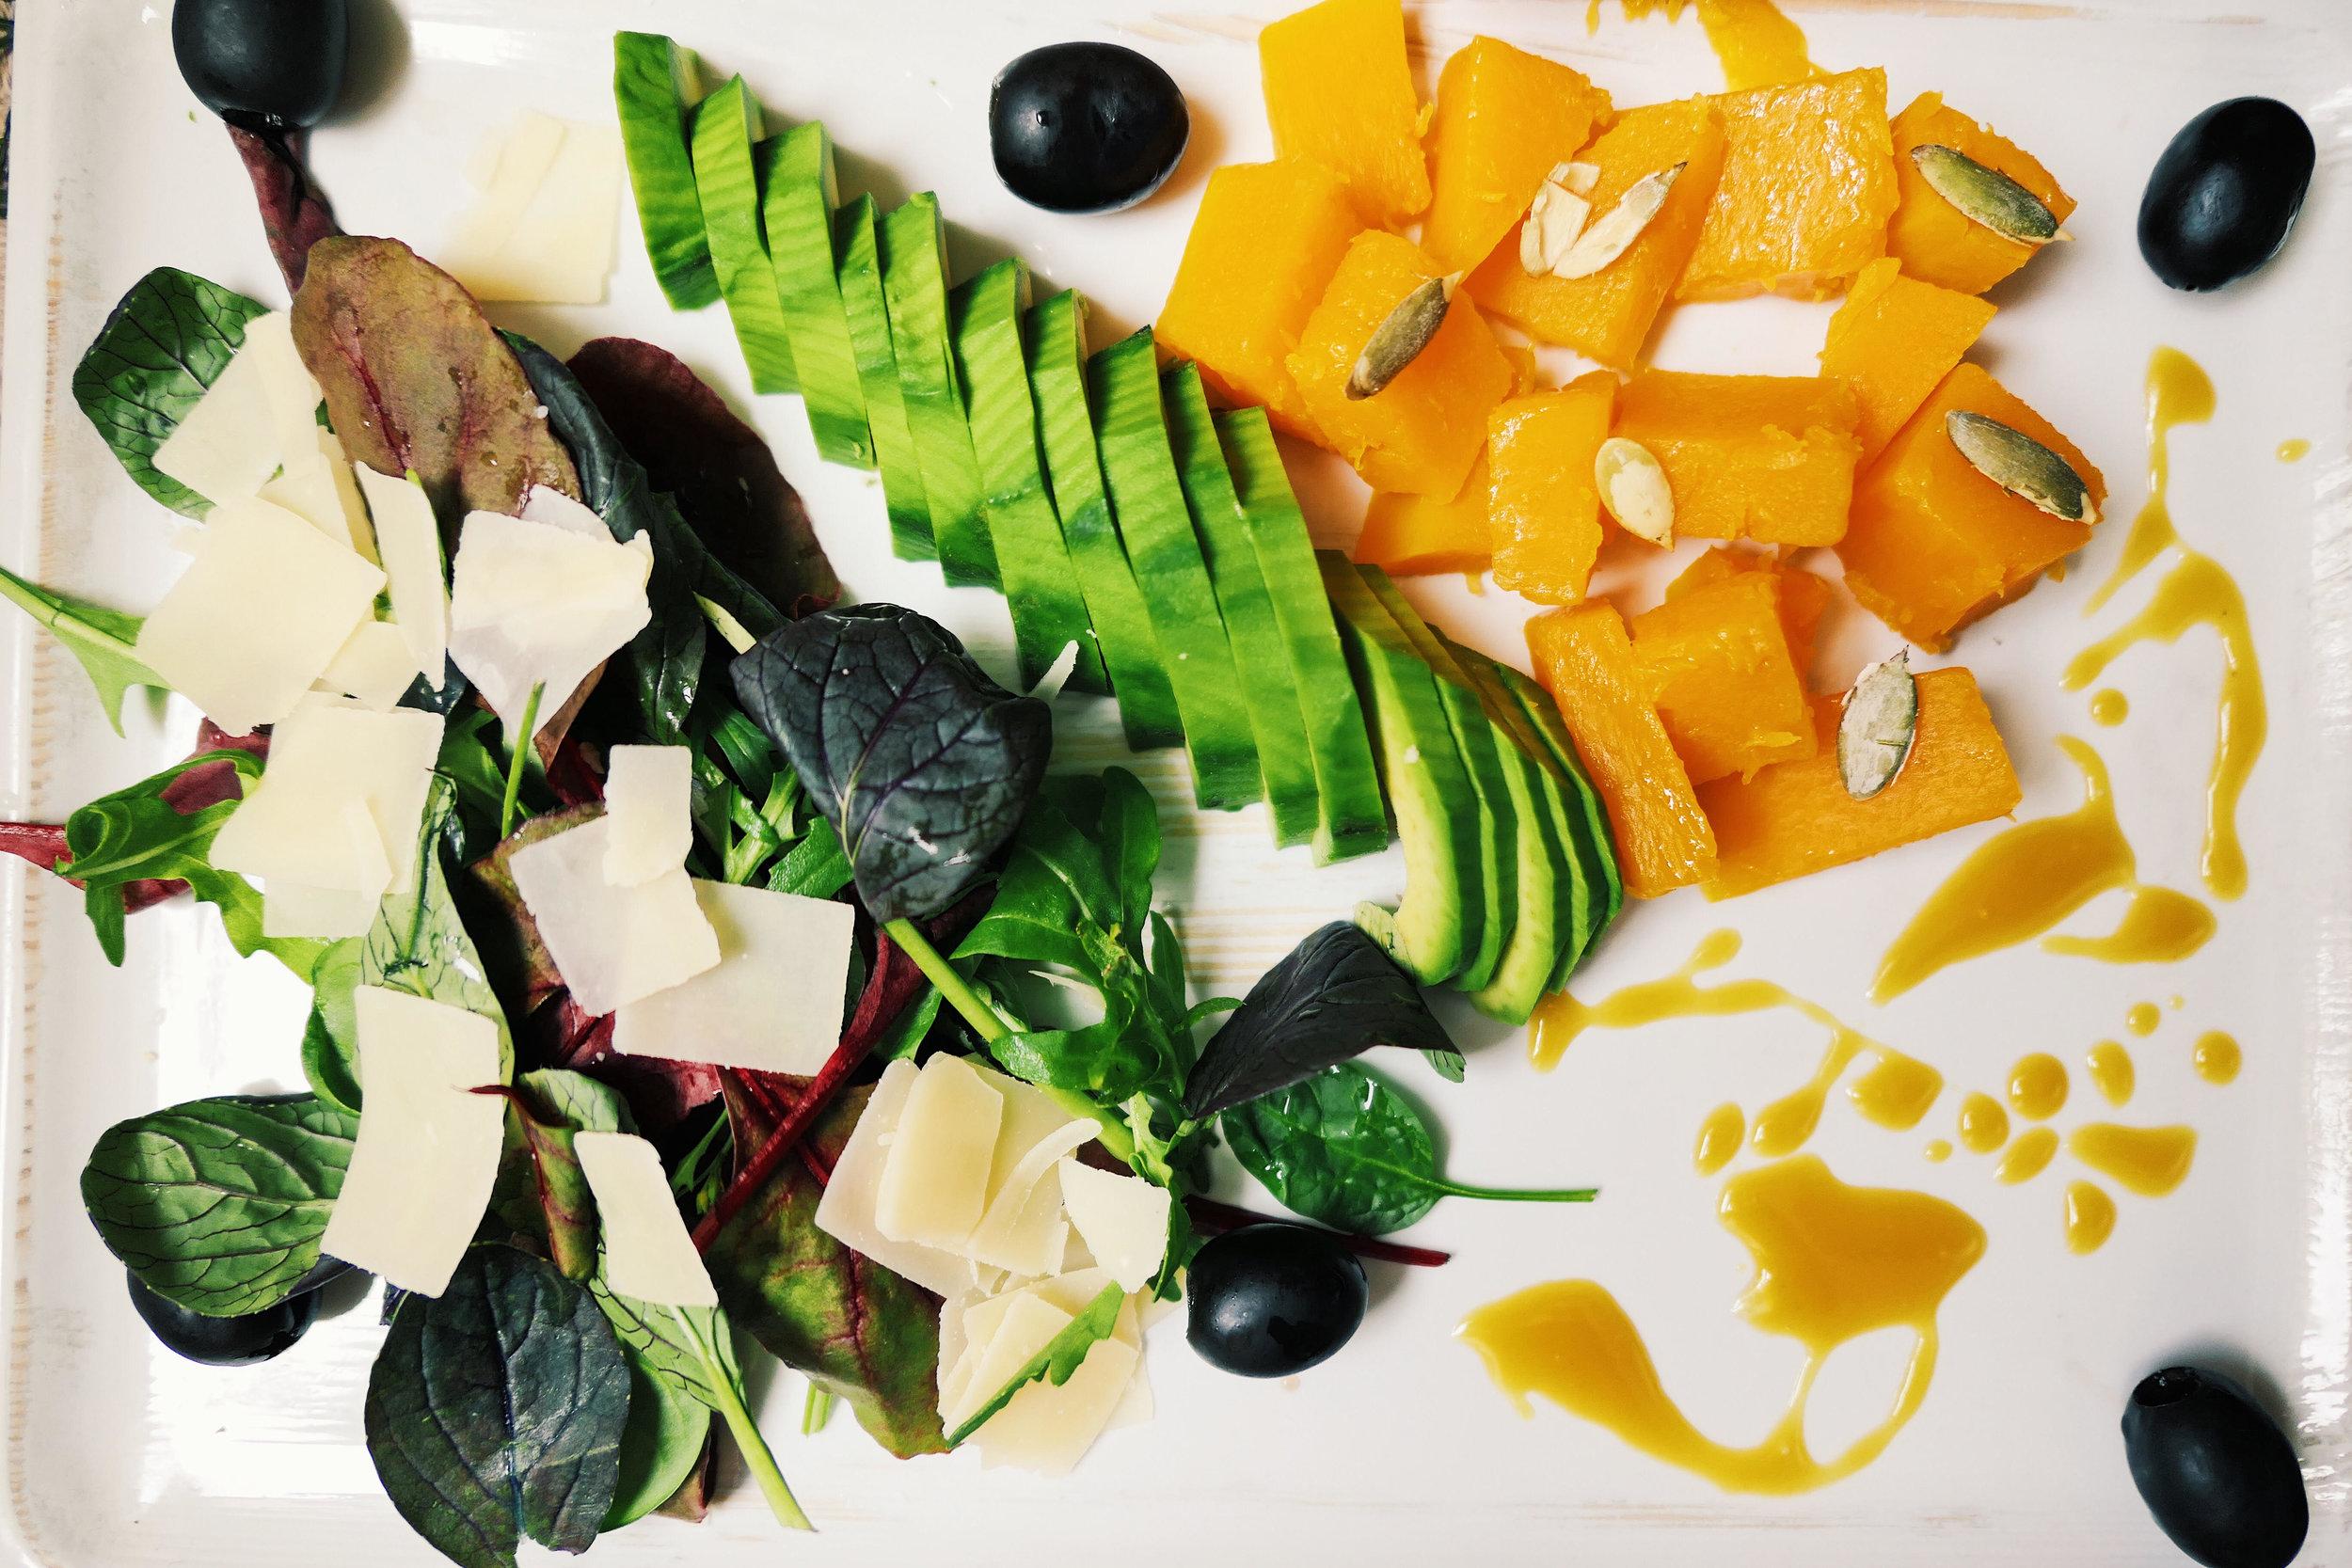 Салата с тиква - продукти:задушена или бланширана тиква на кубчета,авокадо,микс салати - може бейби спанак с рукола,маслини,тиквени семки,пармезан на люспички, горчица, мед, зехтин